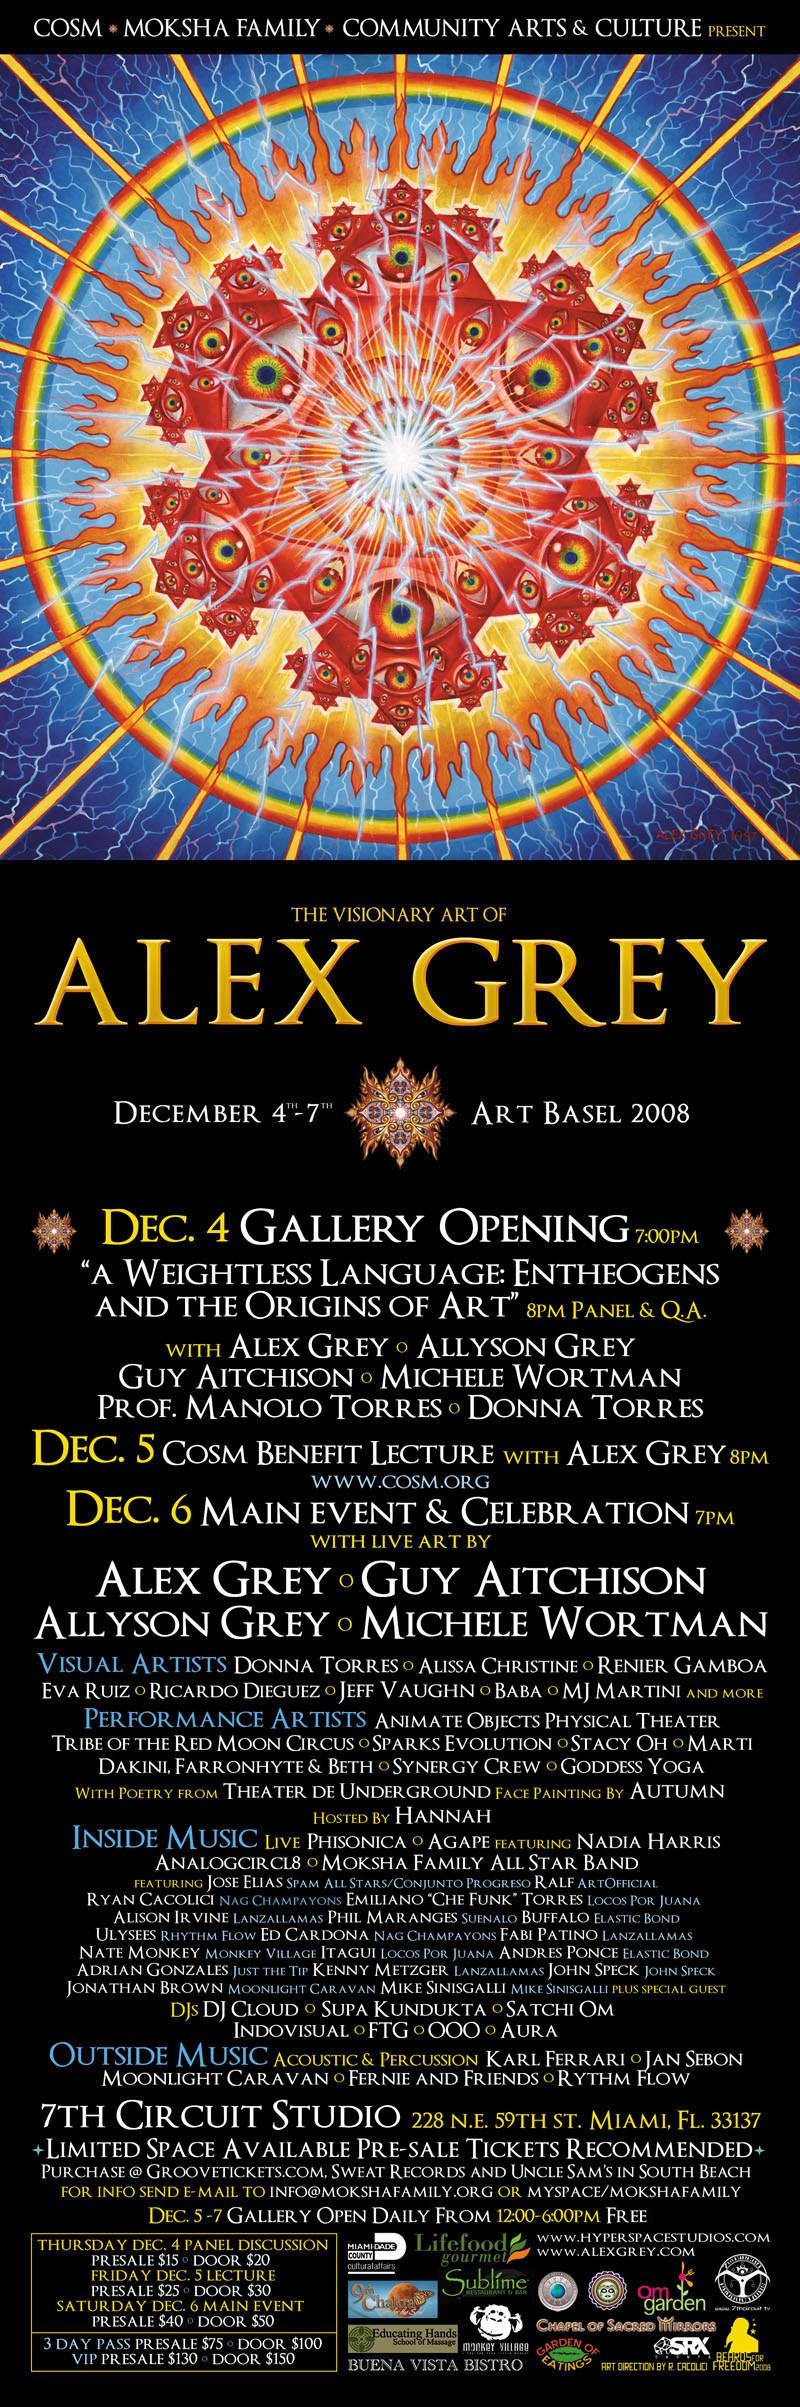 Moksha Art Fair 2008 - Featuring Aley Grey